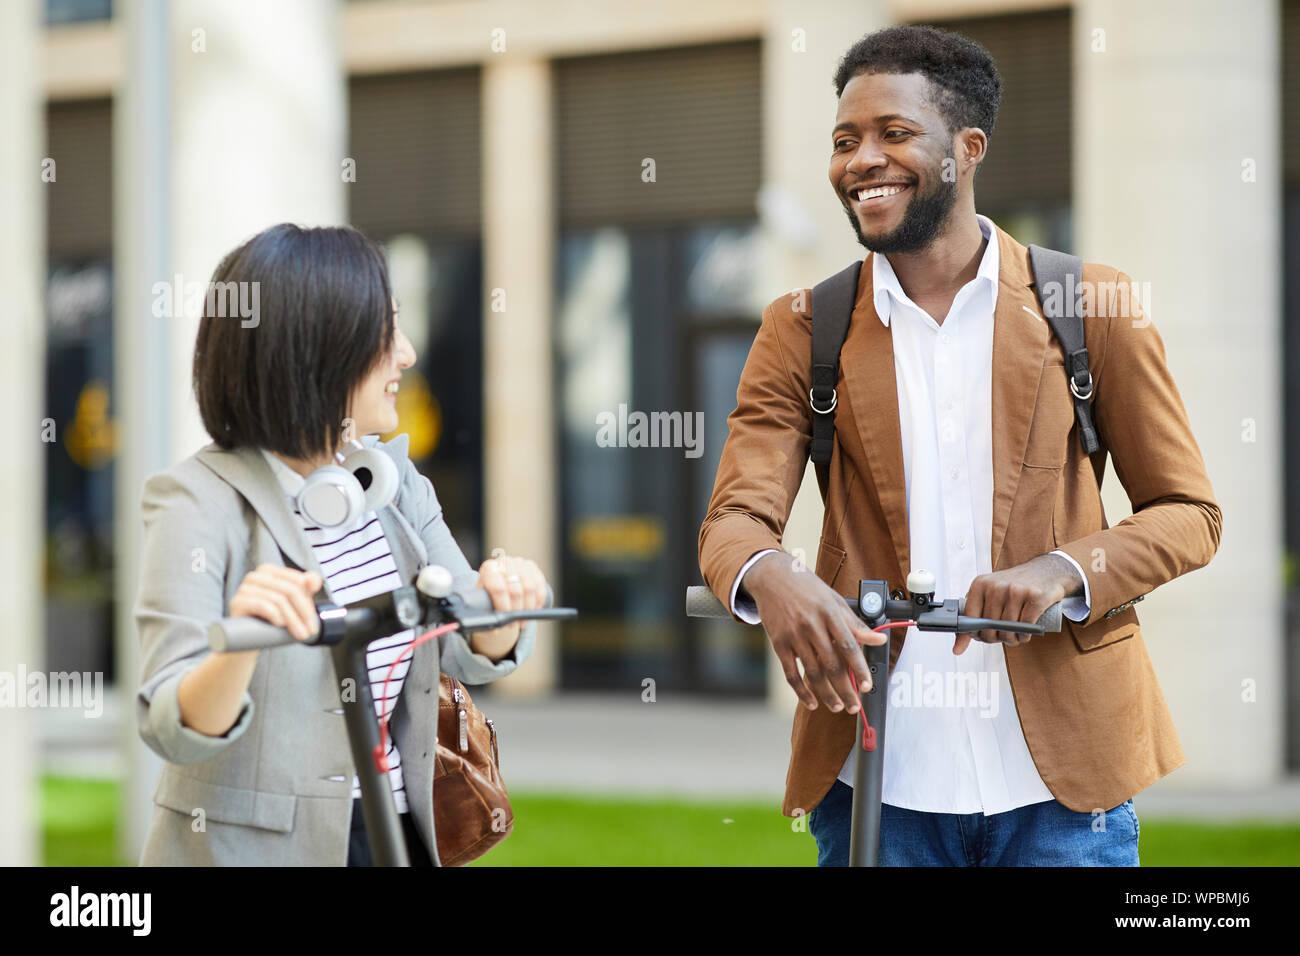 Groupe multiethnique de cheerful young people riding scooter électrique en ville rue et souriant heureusement regarder, copy space Banque D'Images